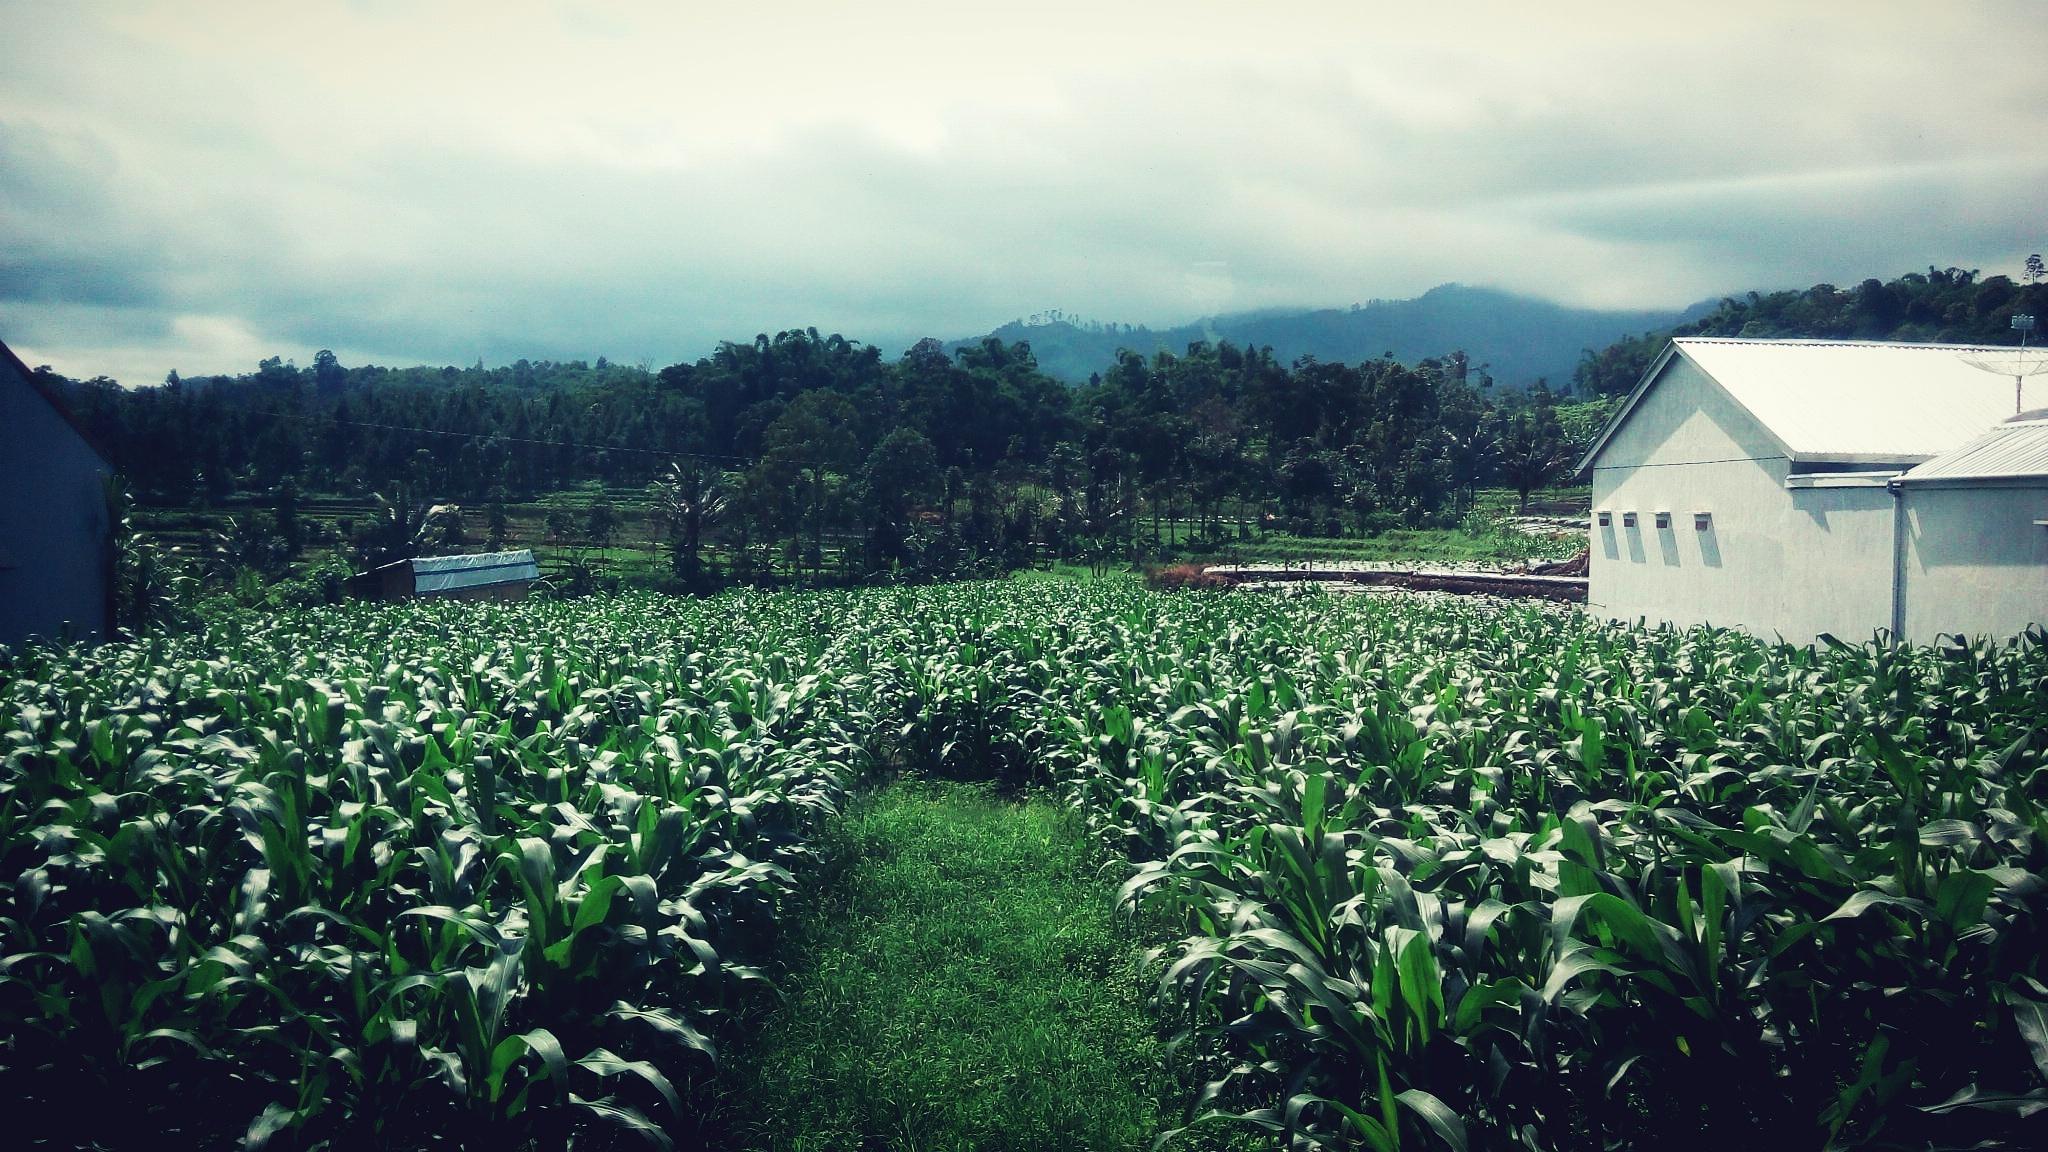 Perkebunan jagung by May Ary Coster